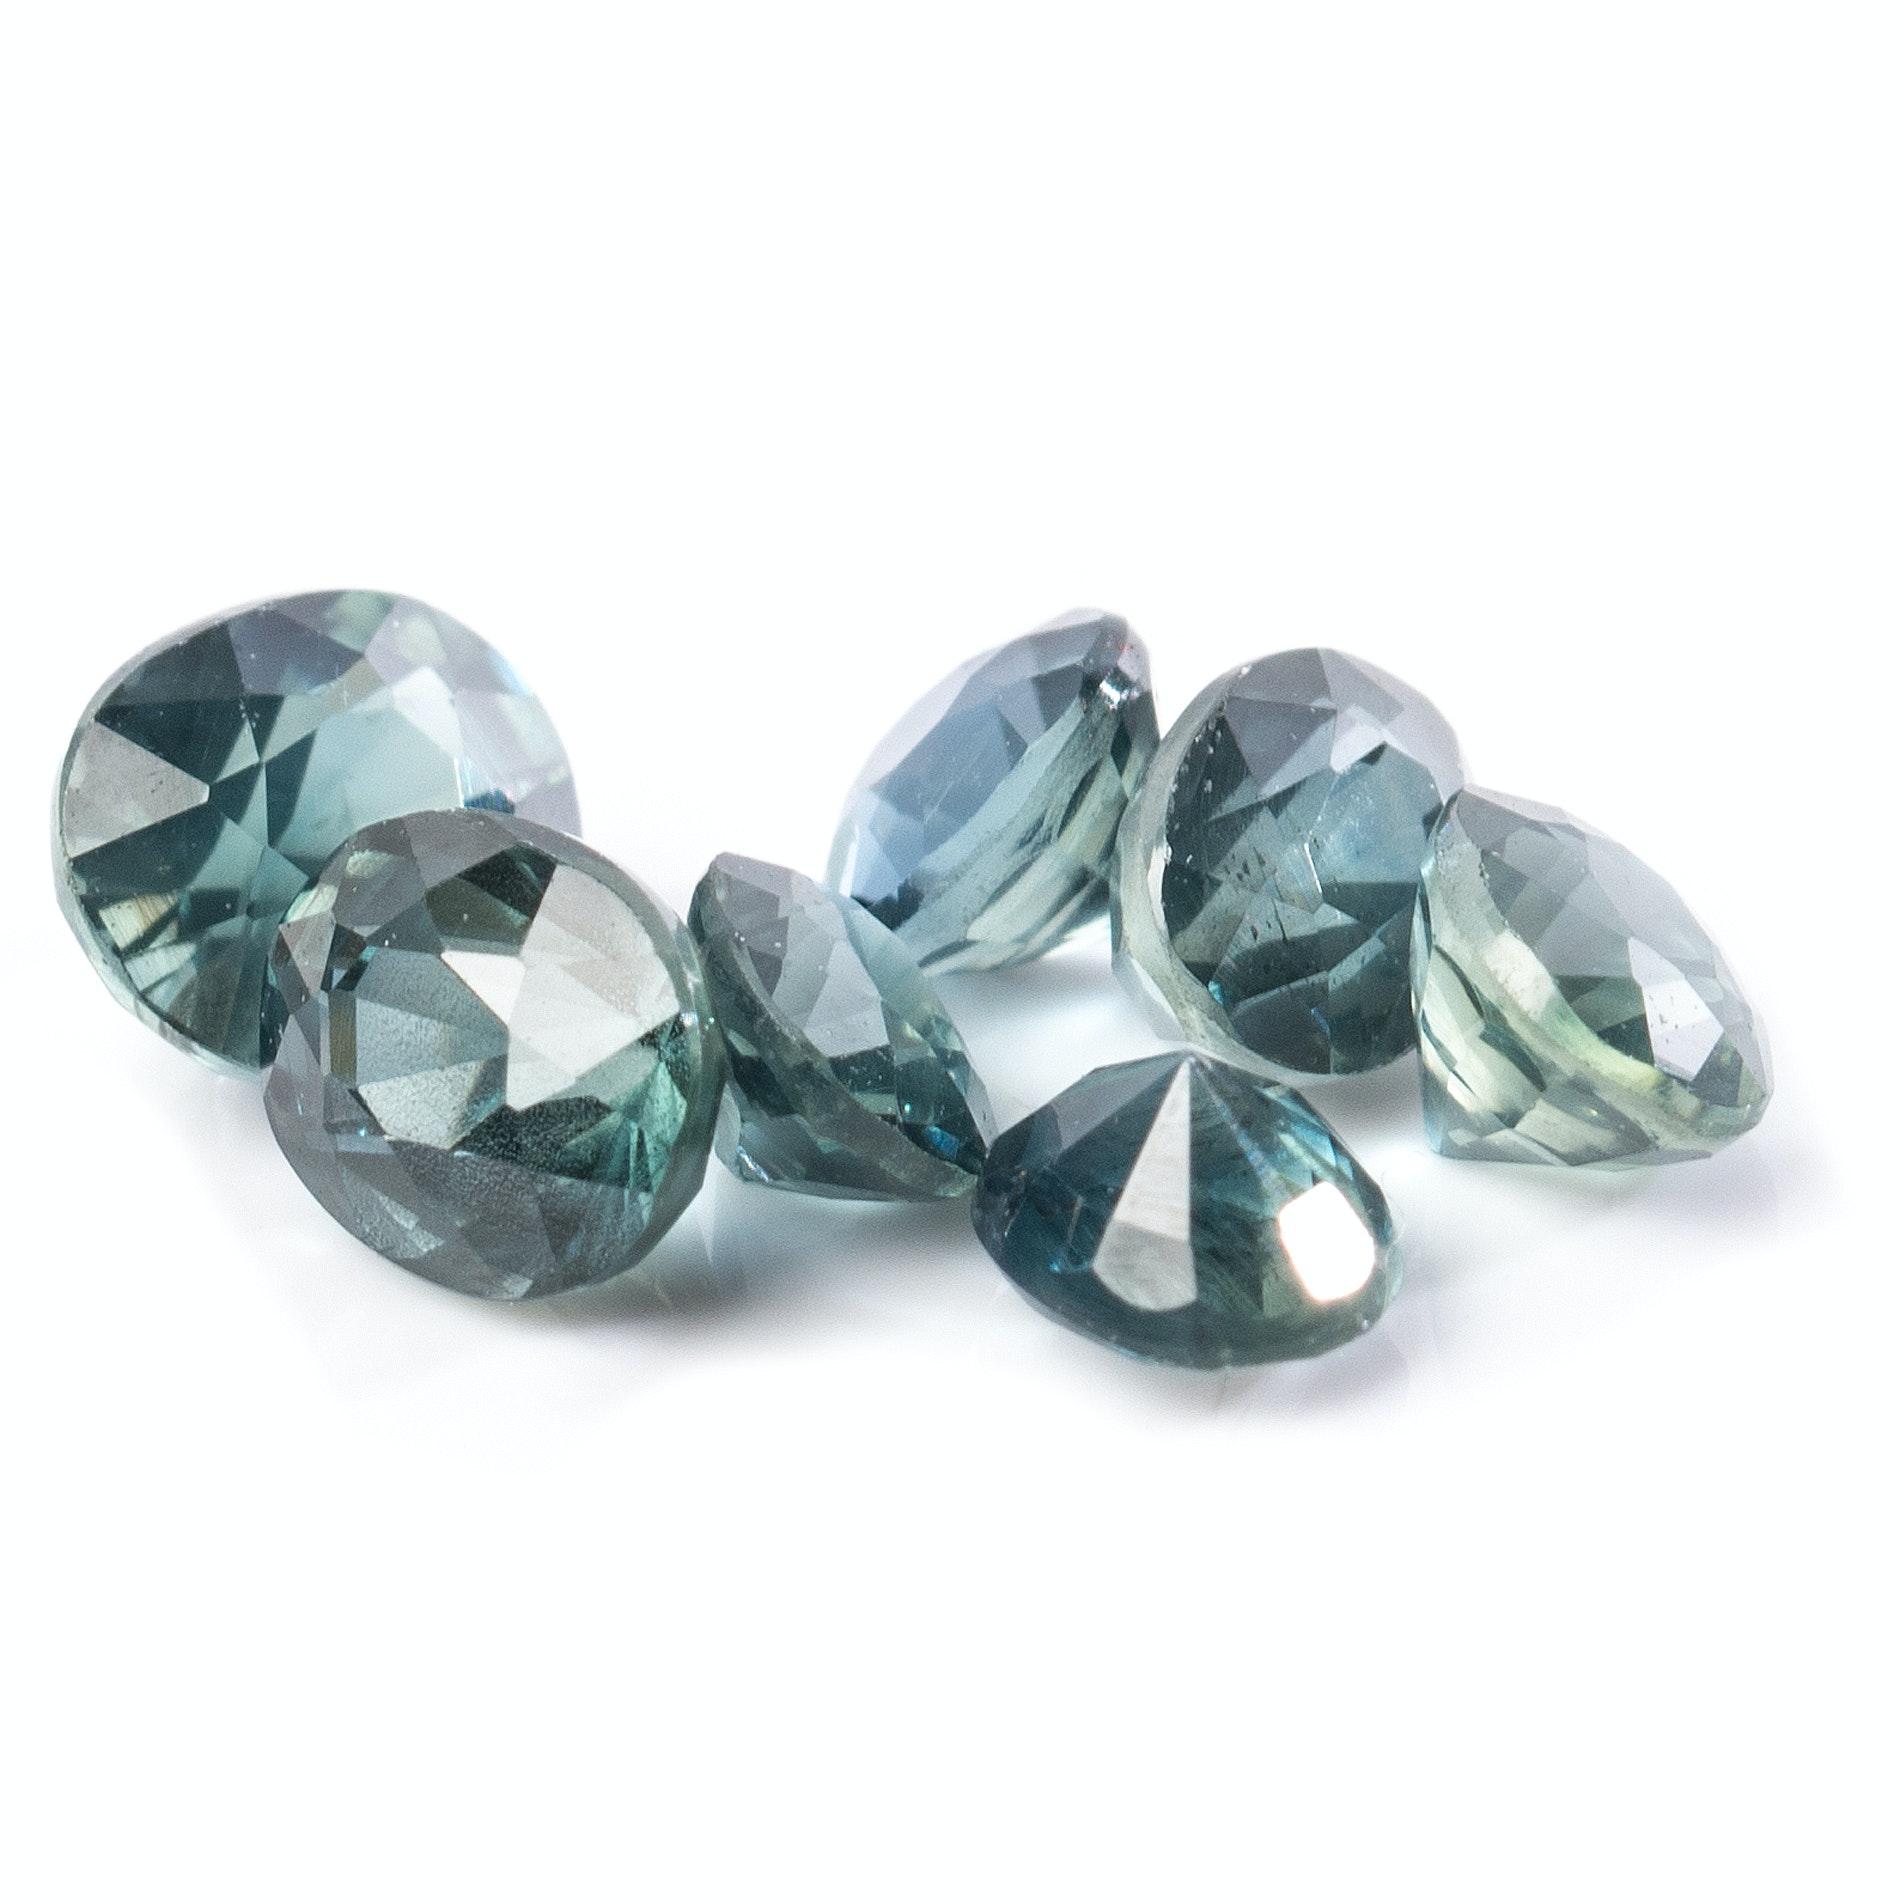 2.05 CTW Sapphire Stones